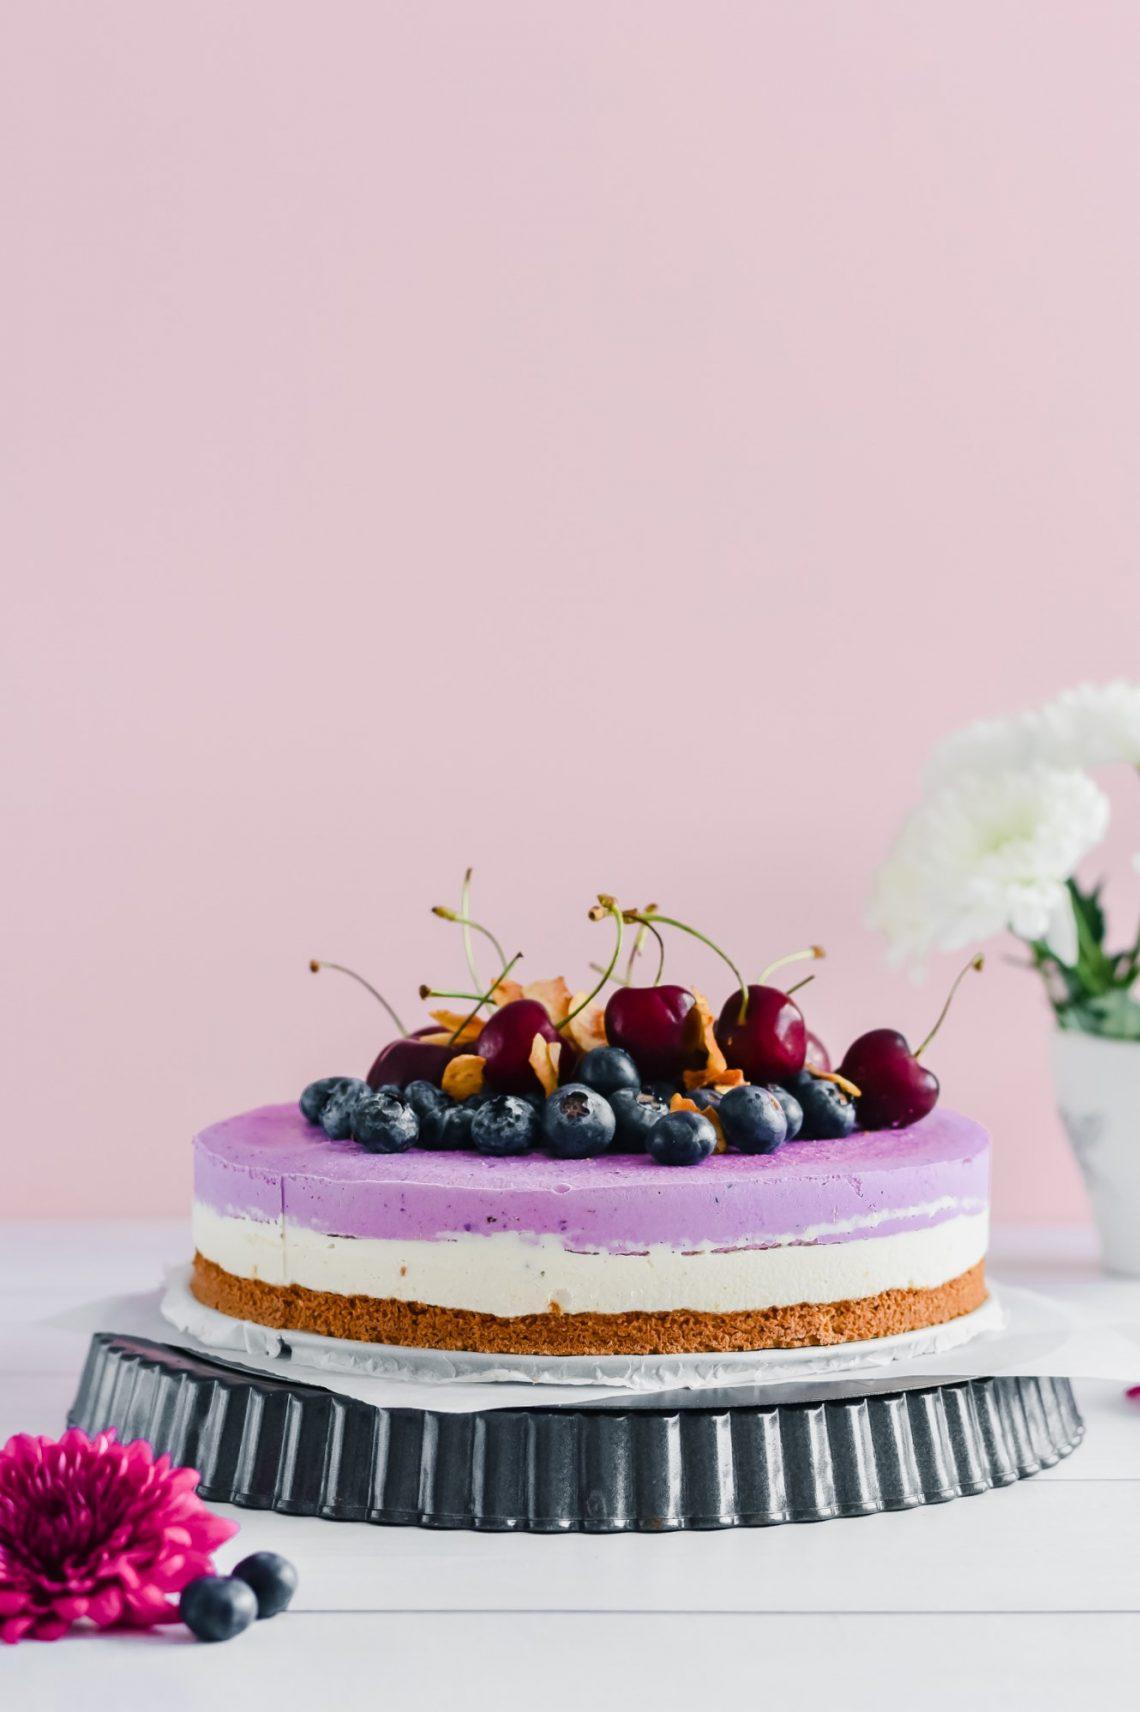 3 Layered Vegan Blueberry Cheesecake 10